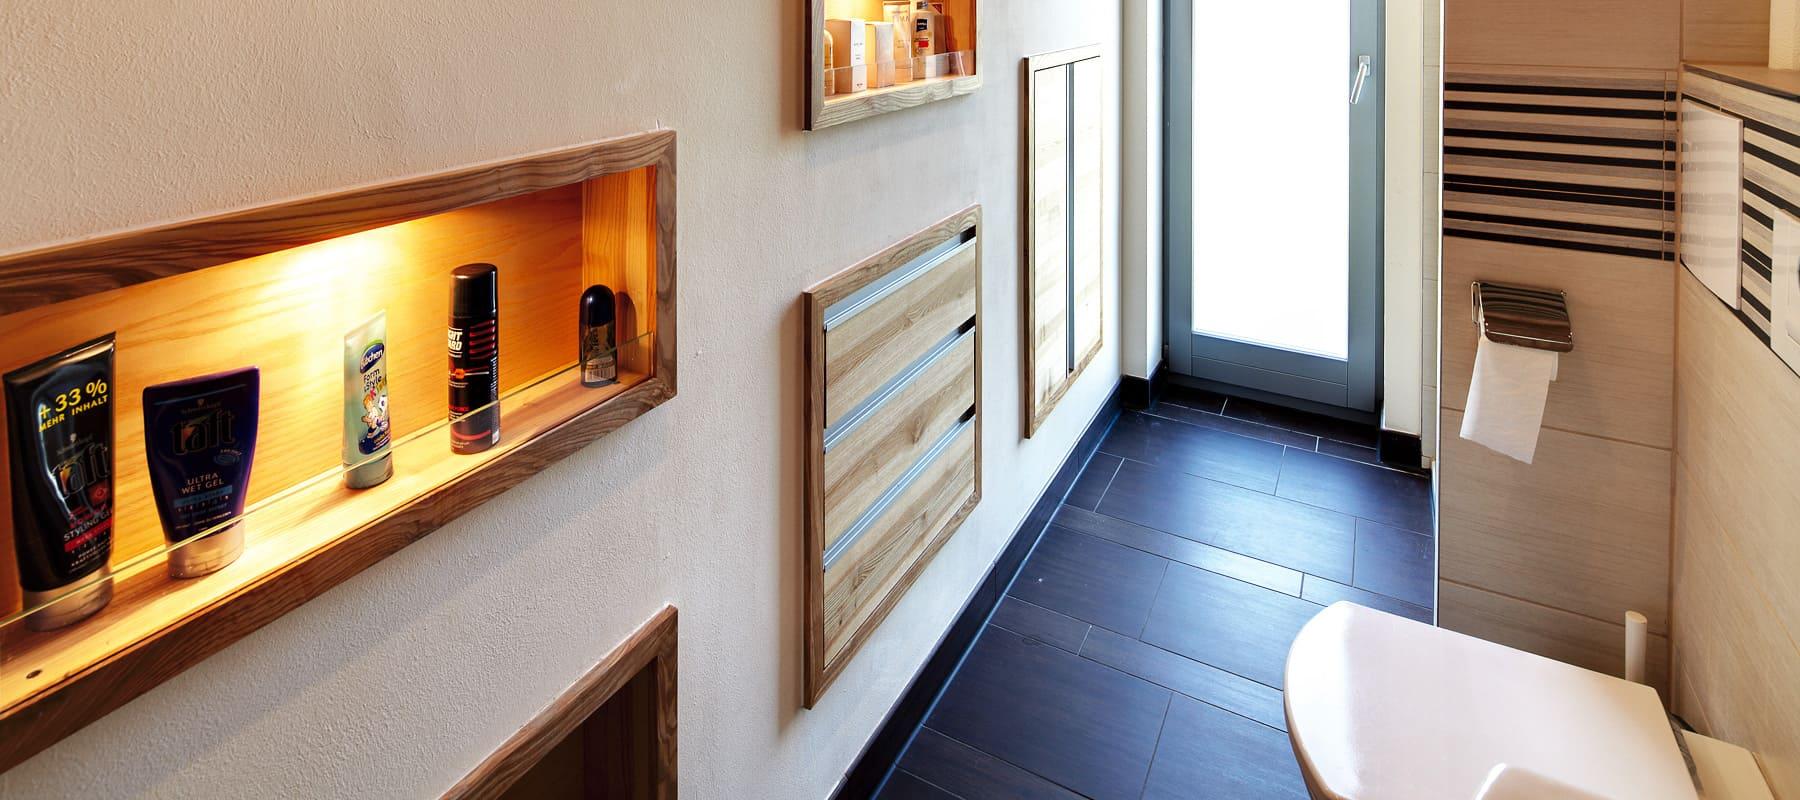 ^ Kundenhaus ugsburg - ein Holzhaus im modernen Stil - Sonnleitner ...